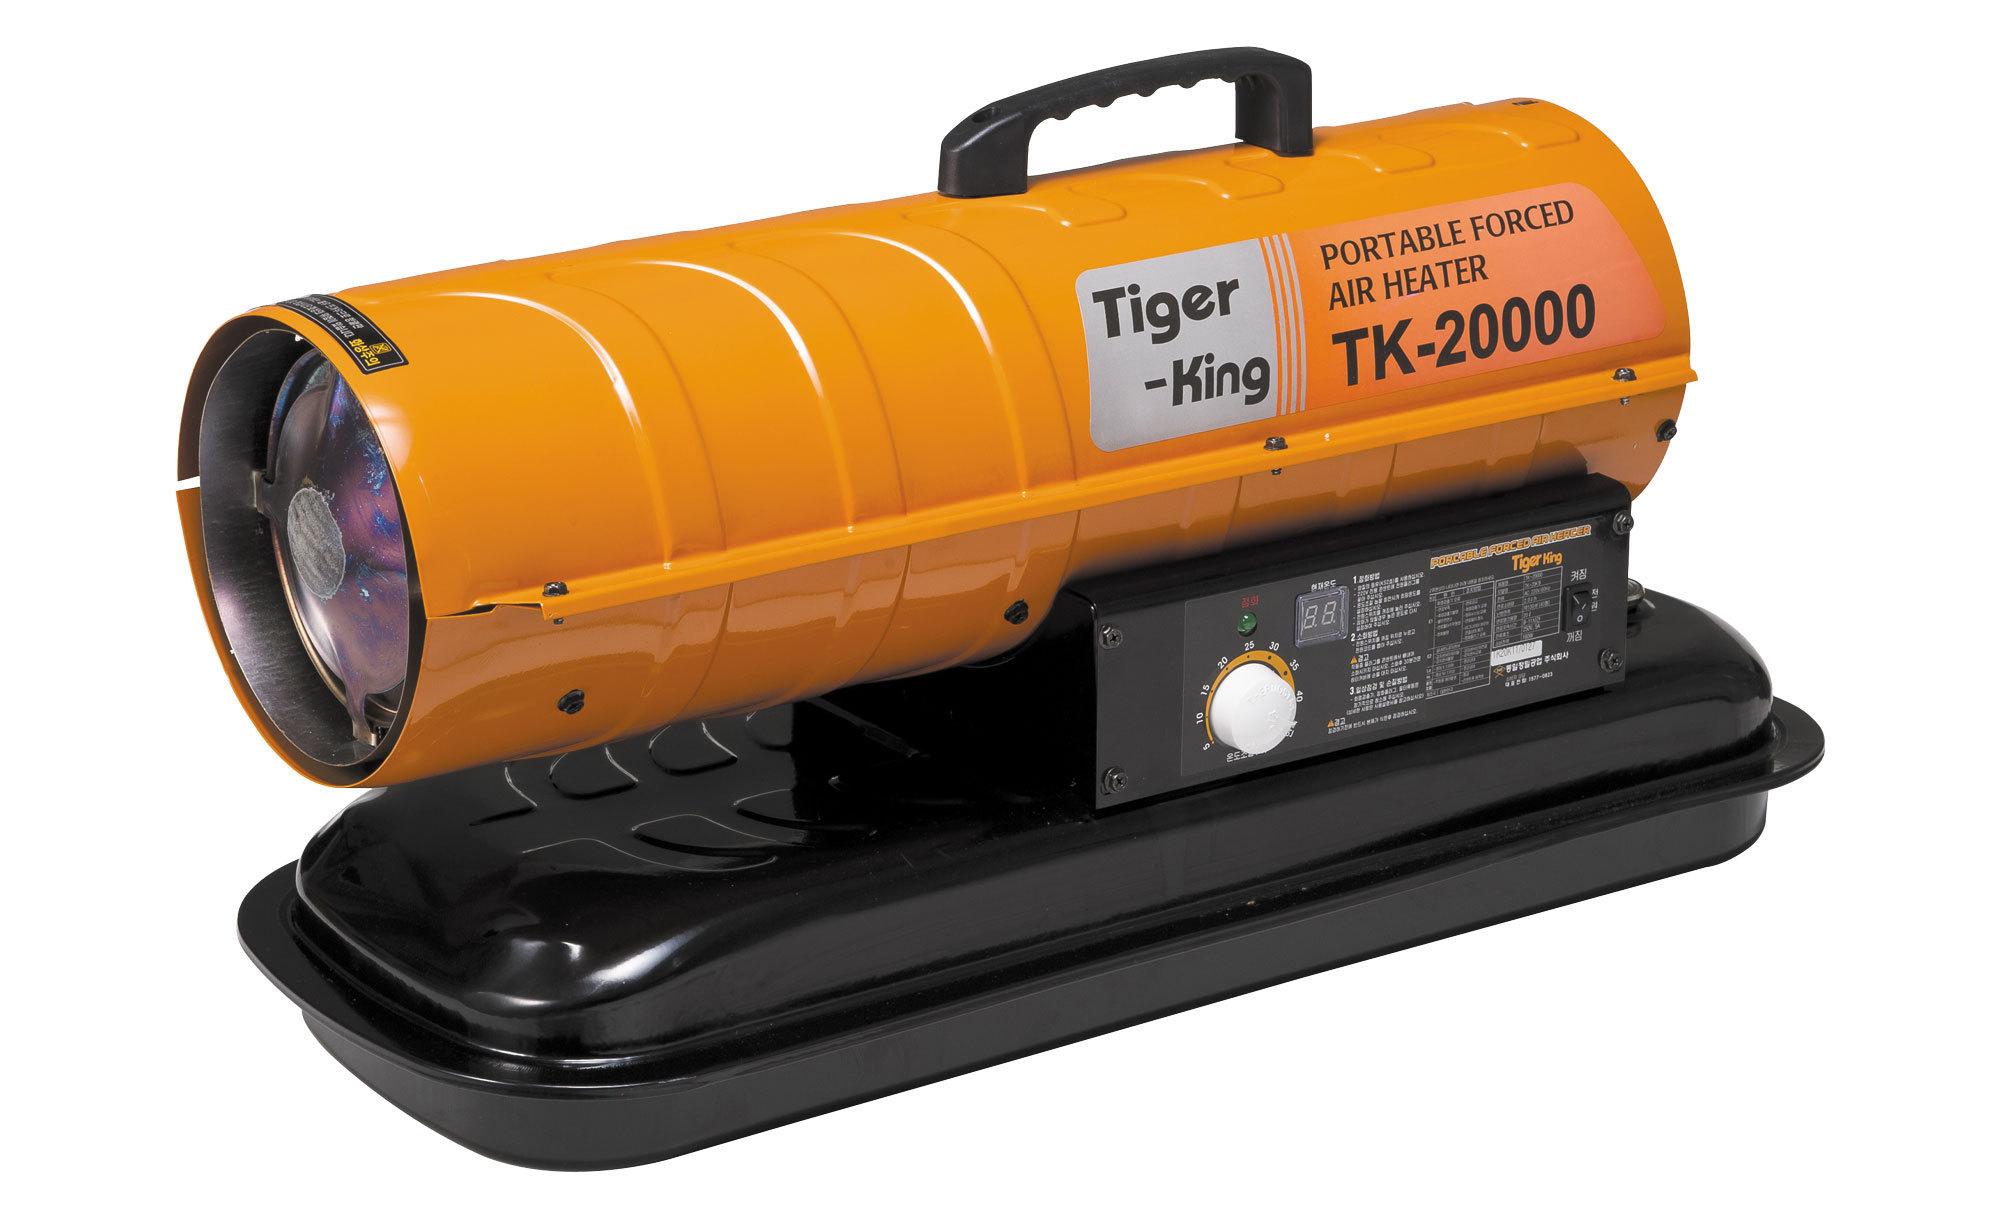 тепловая пушка тк-20000 tiger инструкция